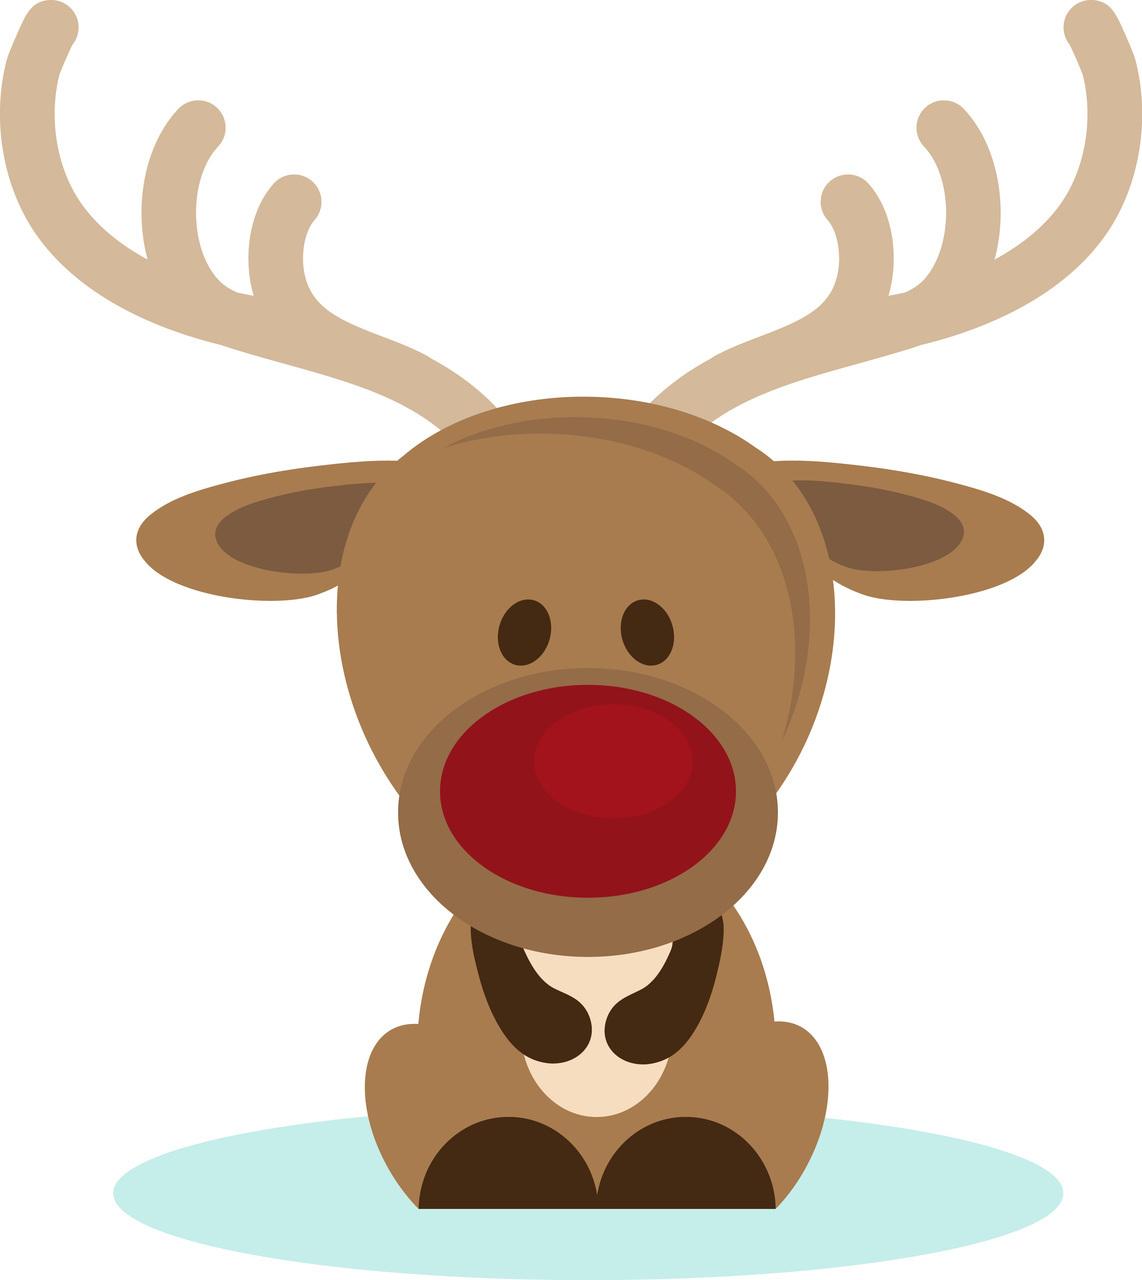 40+ Cute Reindeer Wallpaper on WallpaperSafari